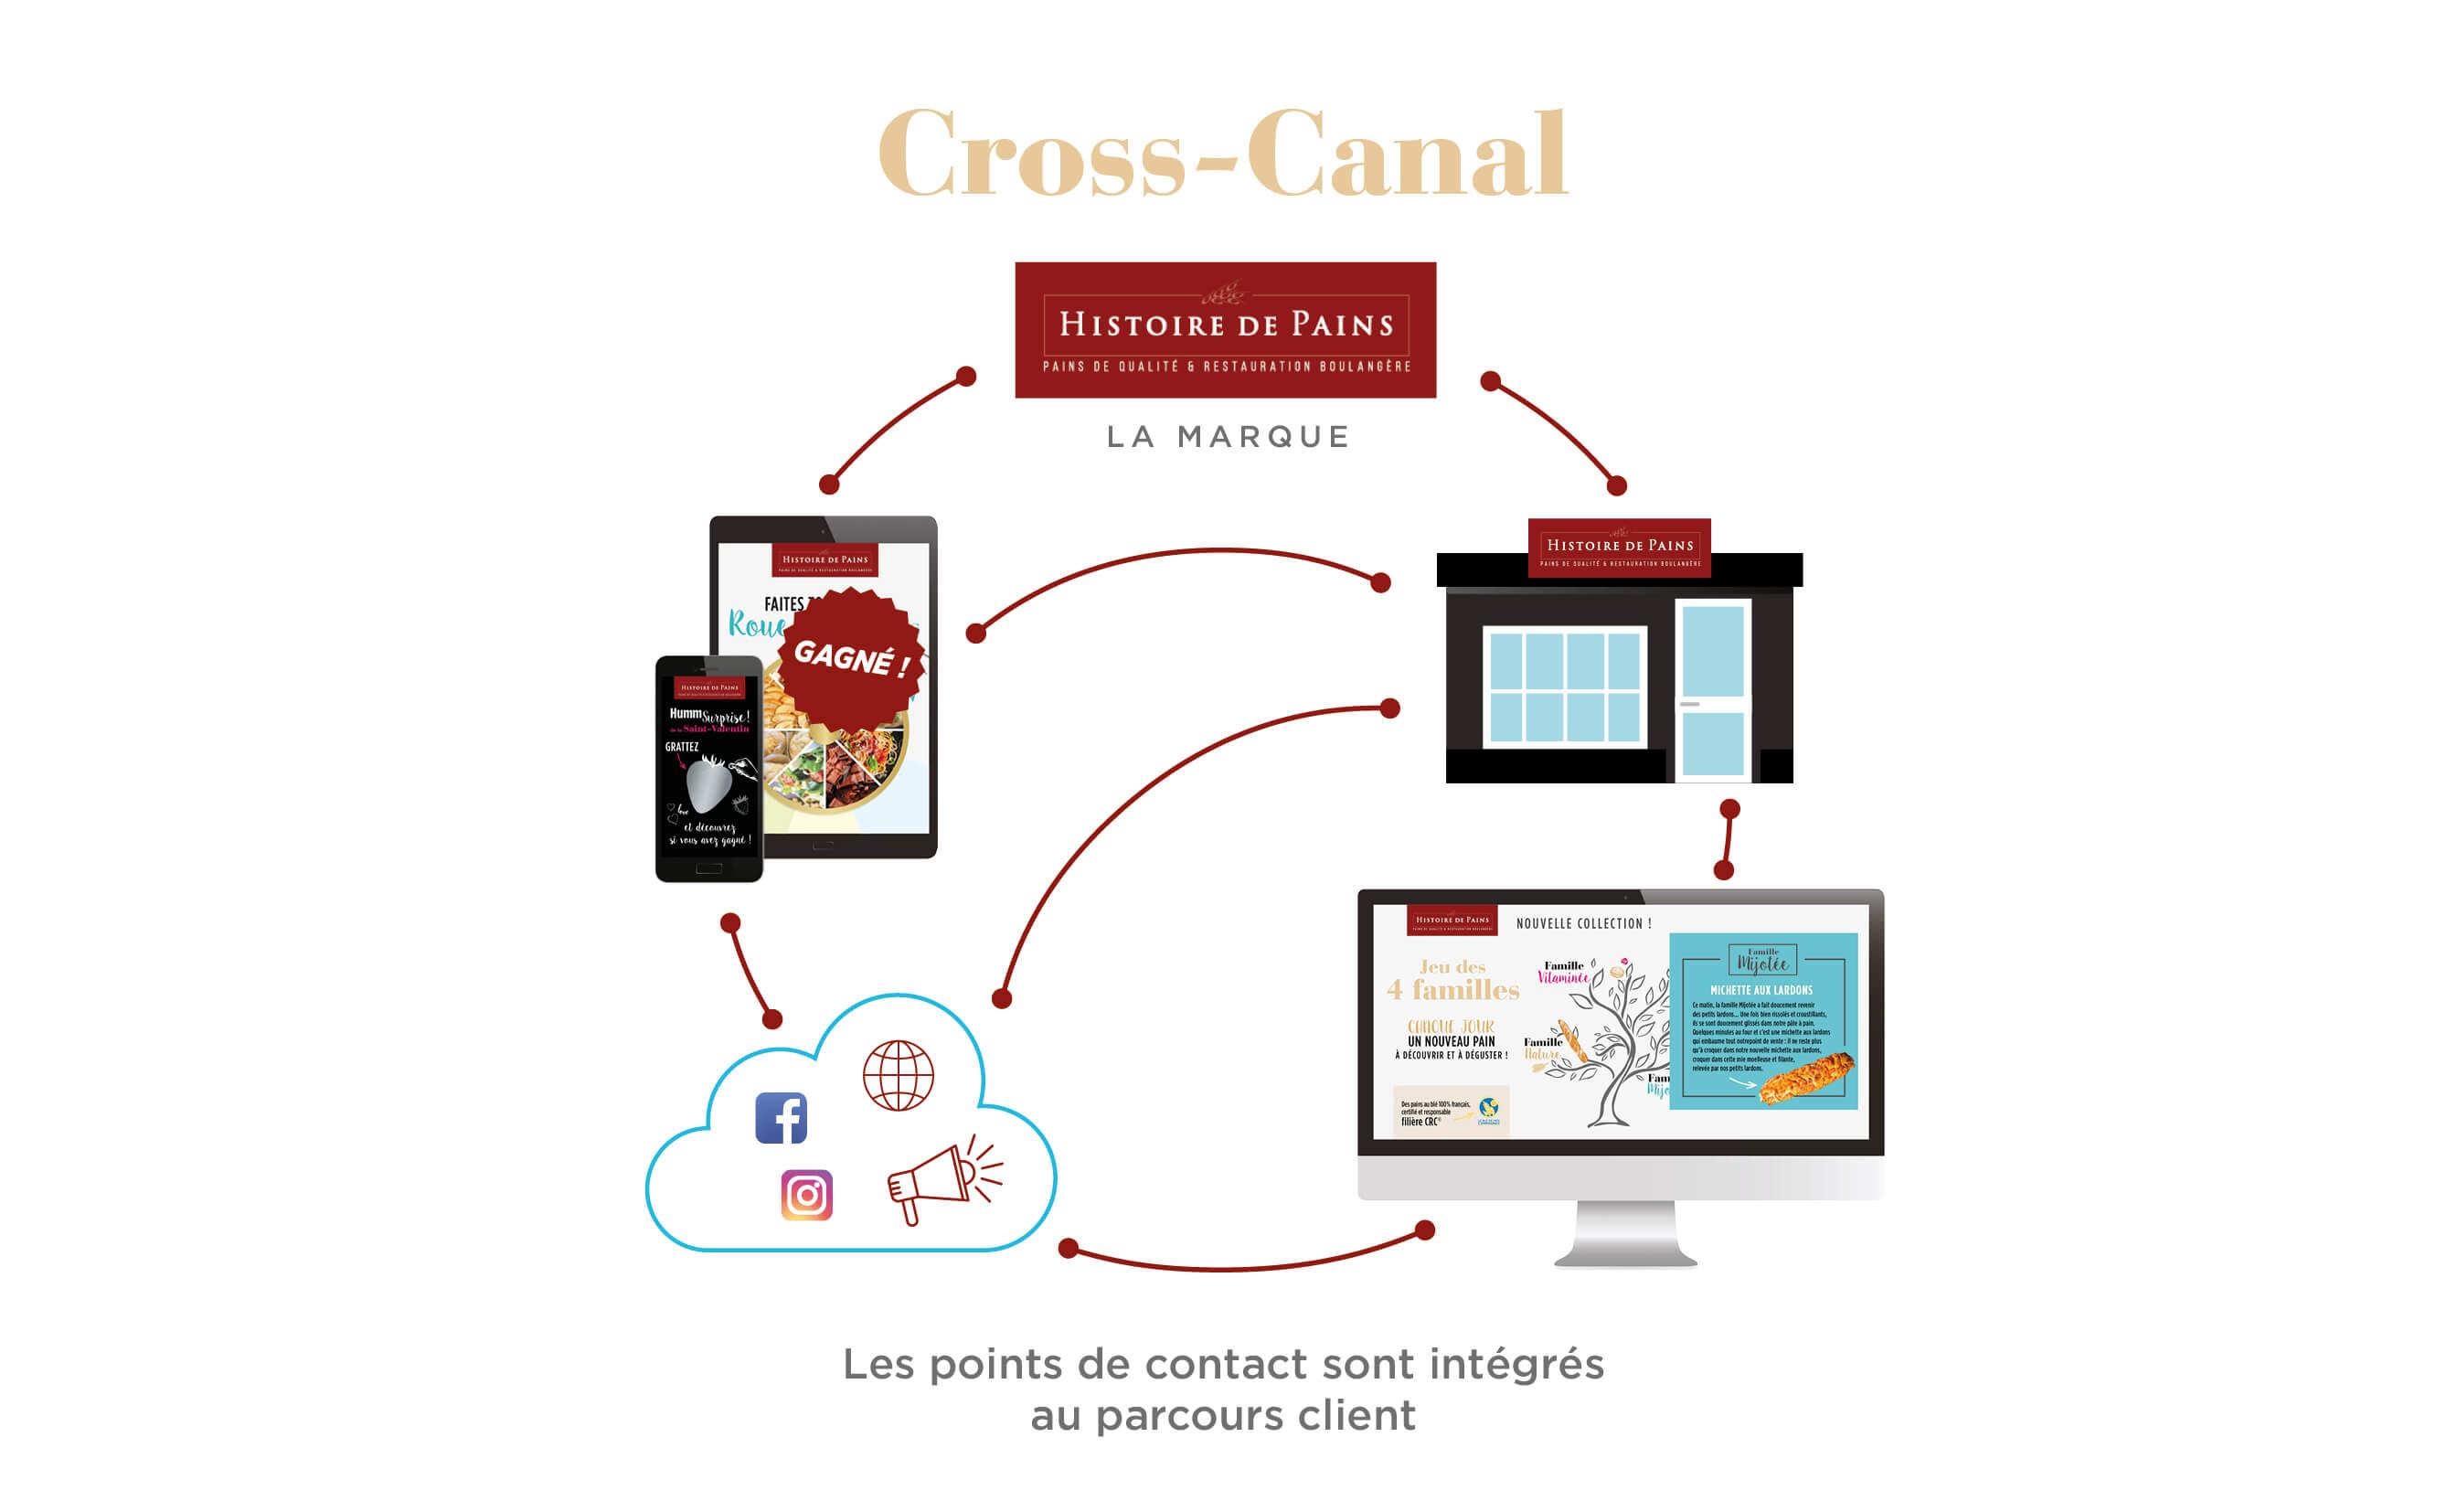 franchise et la communication cross-canal